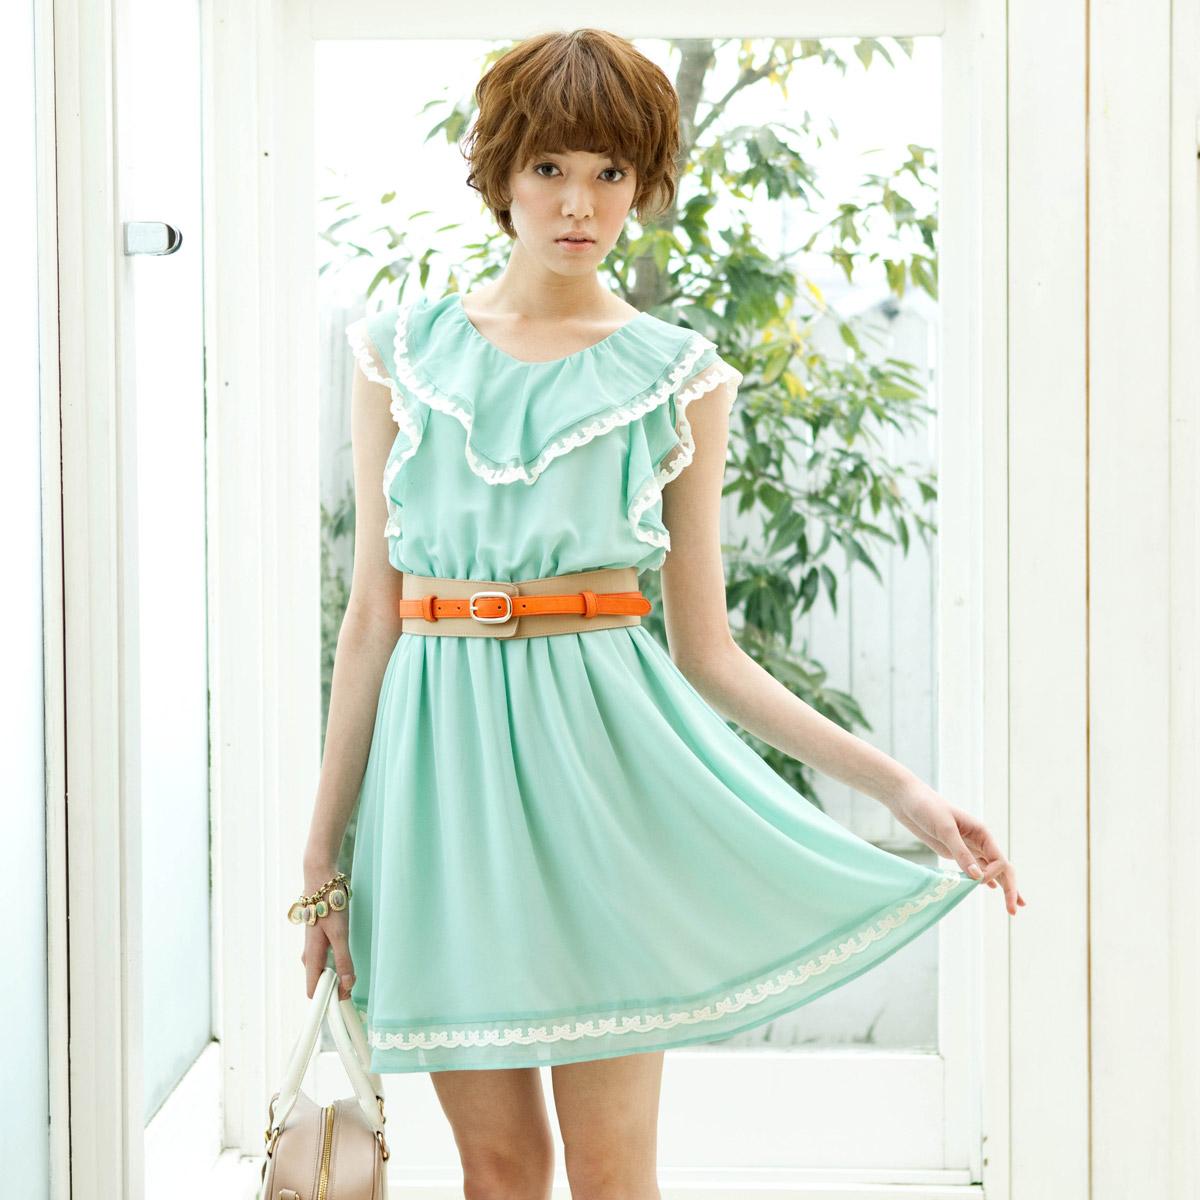 歌莉娅GOELIA 2012夏季新款  荷叶边雪纺连衣裙26E4B58A 价格:169.00